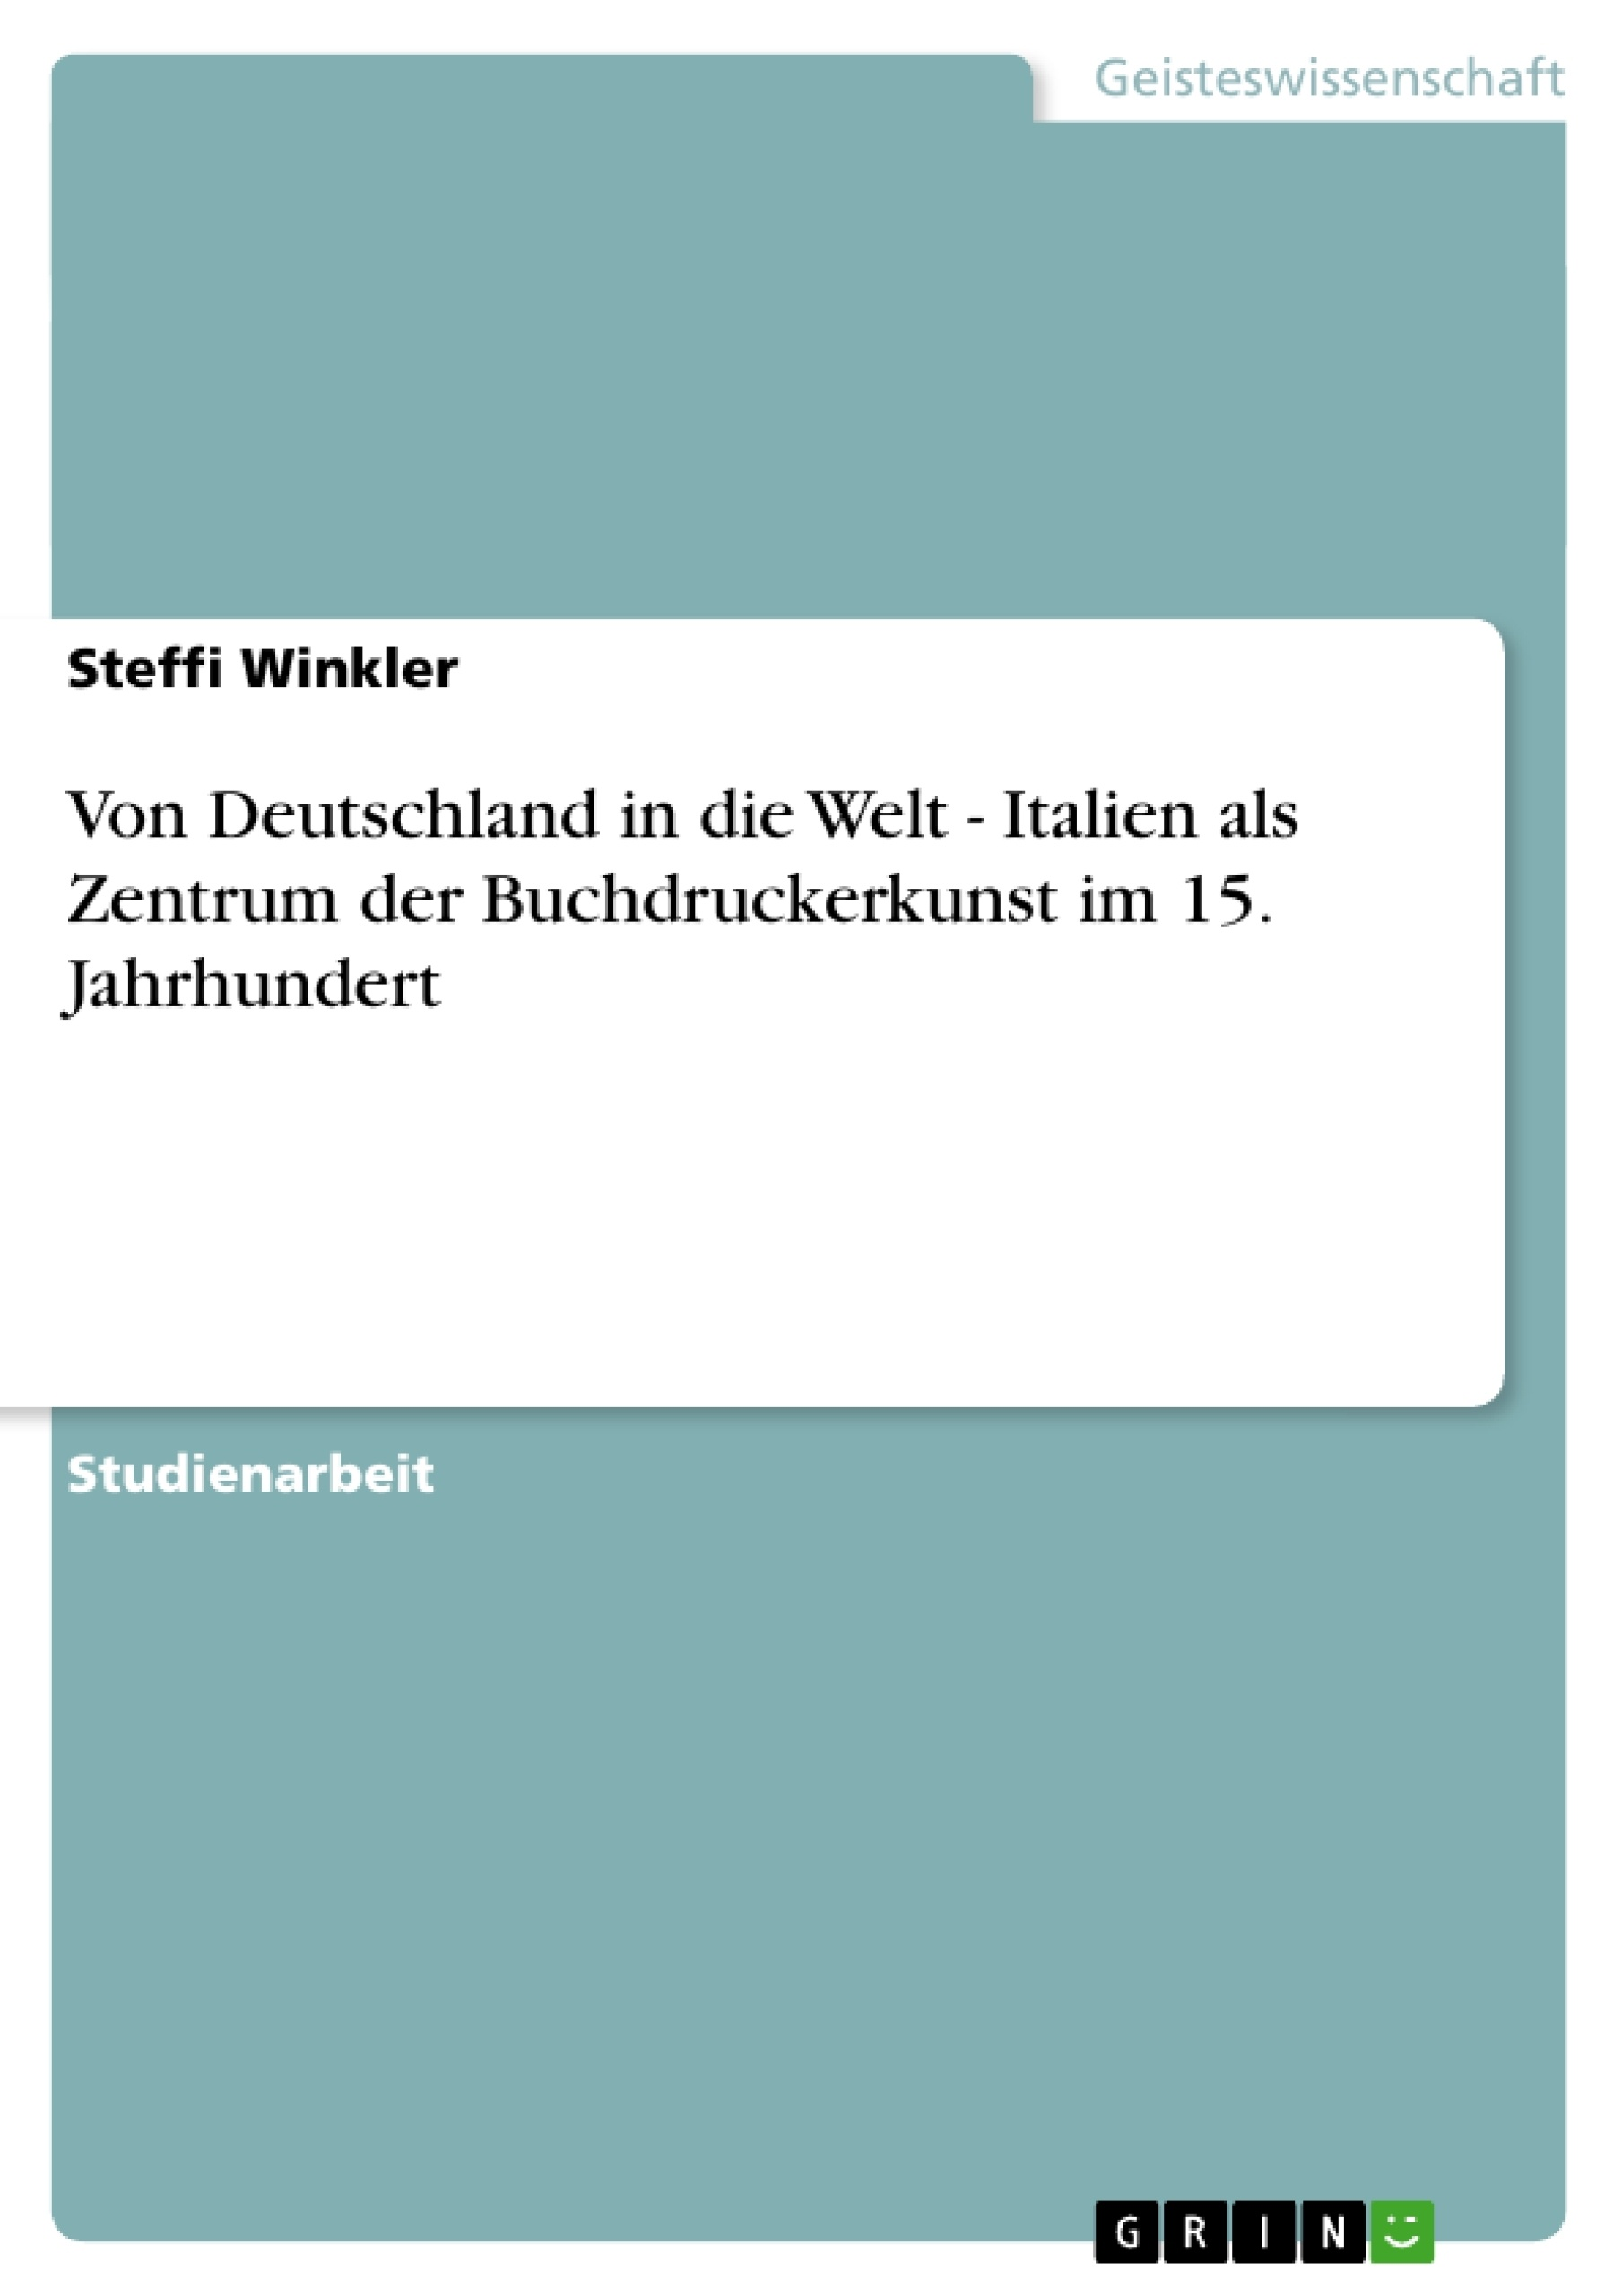 Titel: Von Deutschland in die Welt - Italien als Zentrum der Buchdruckerkunst im 15. Jahrhundert